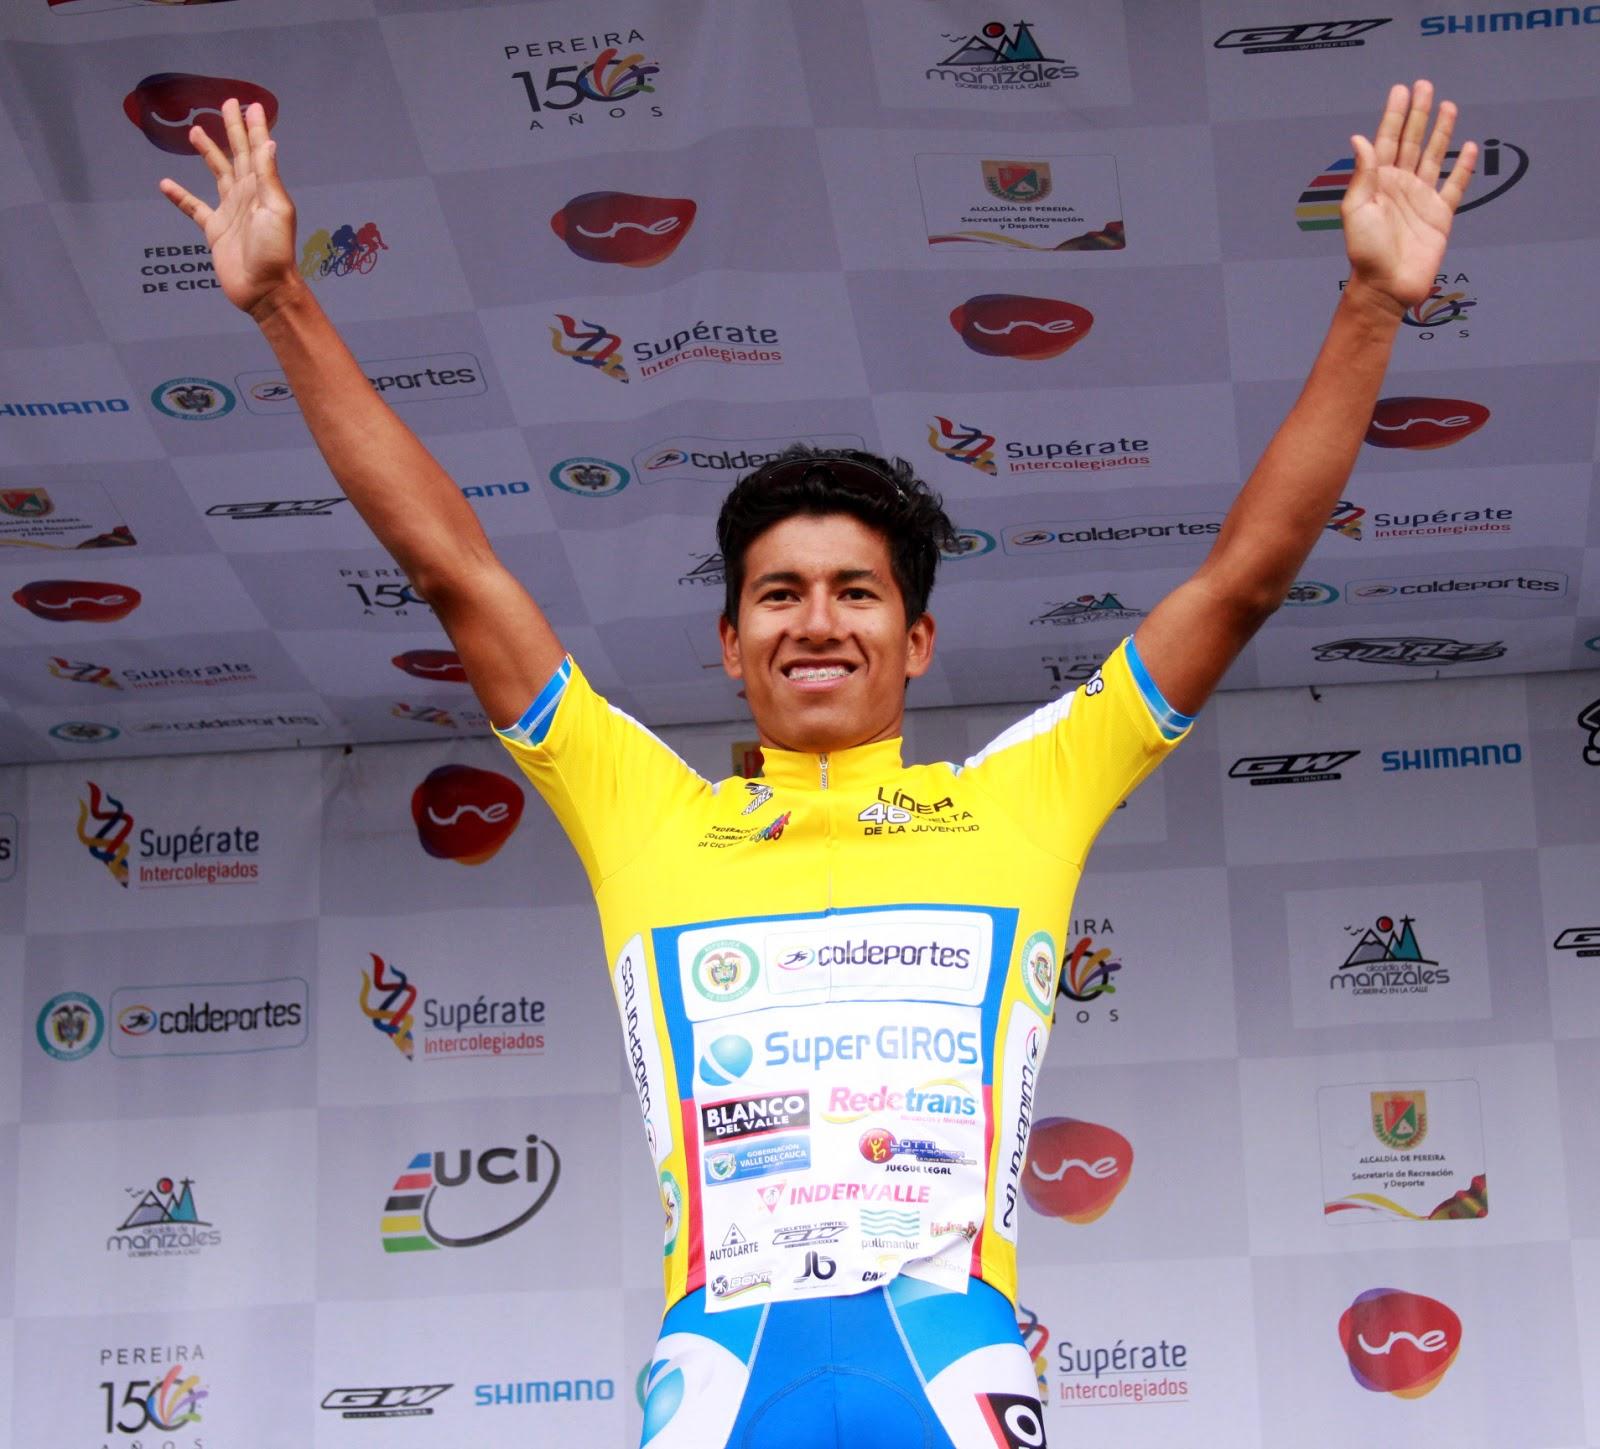 Campeonado mundial de ciclismo de ruta 2013 - Página 3 RiosLÃ-derPro